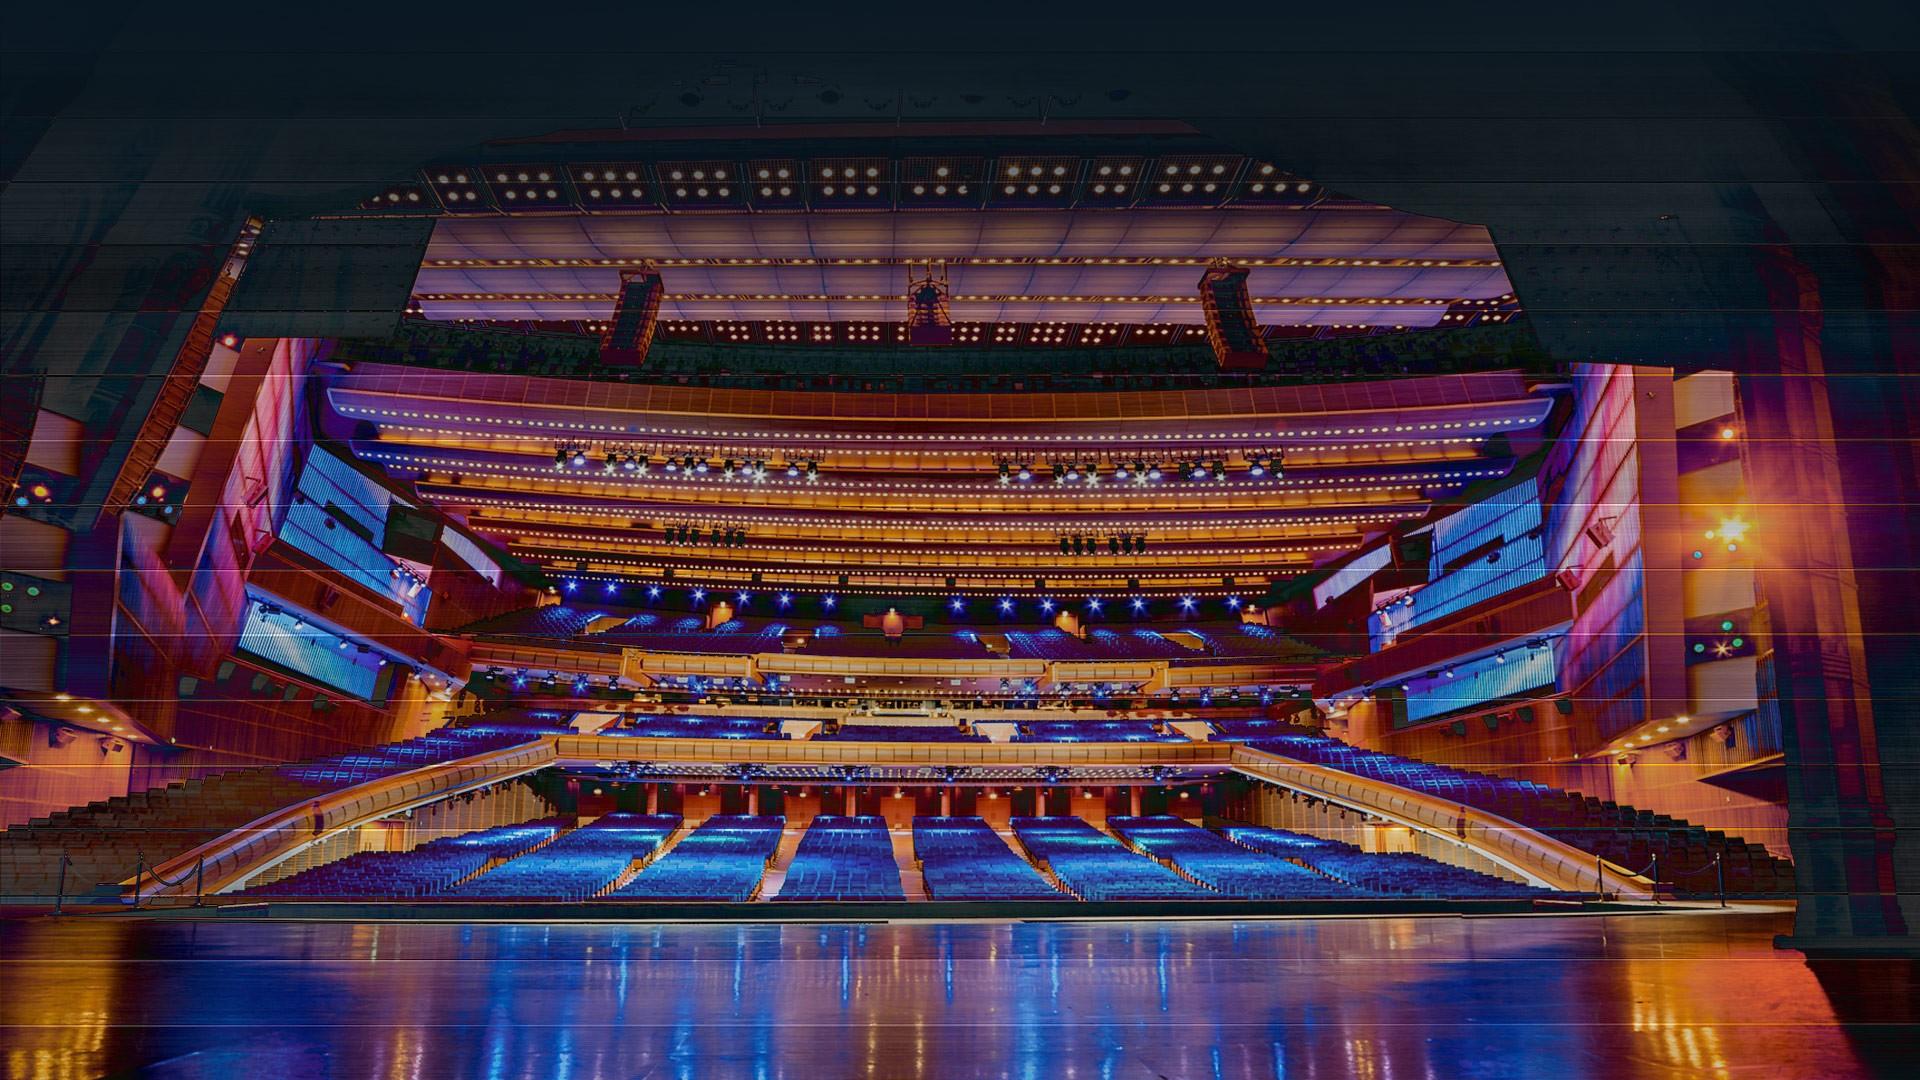 Праздничный концерт, посвящённый 120-летию со дня рождения И.О. Дунаевского и 75- летию М.И. Дунаевского «Дунаевский + Дунаевский»